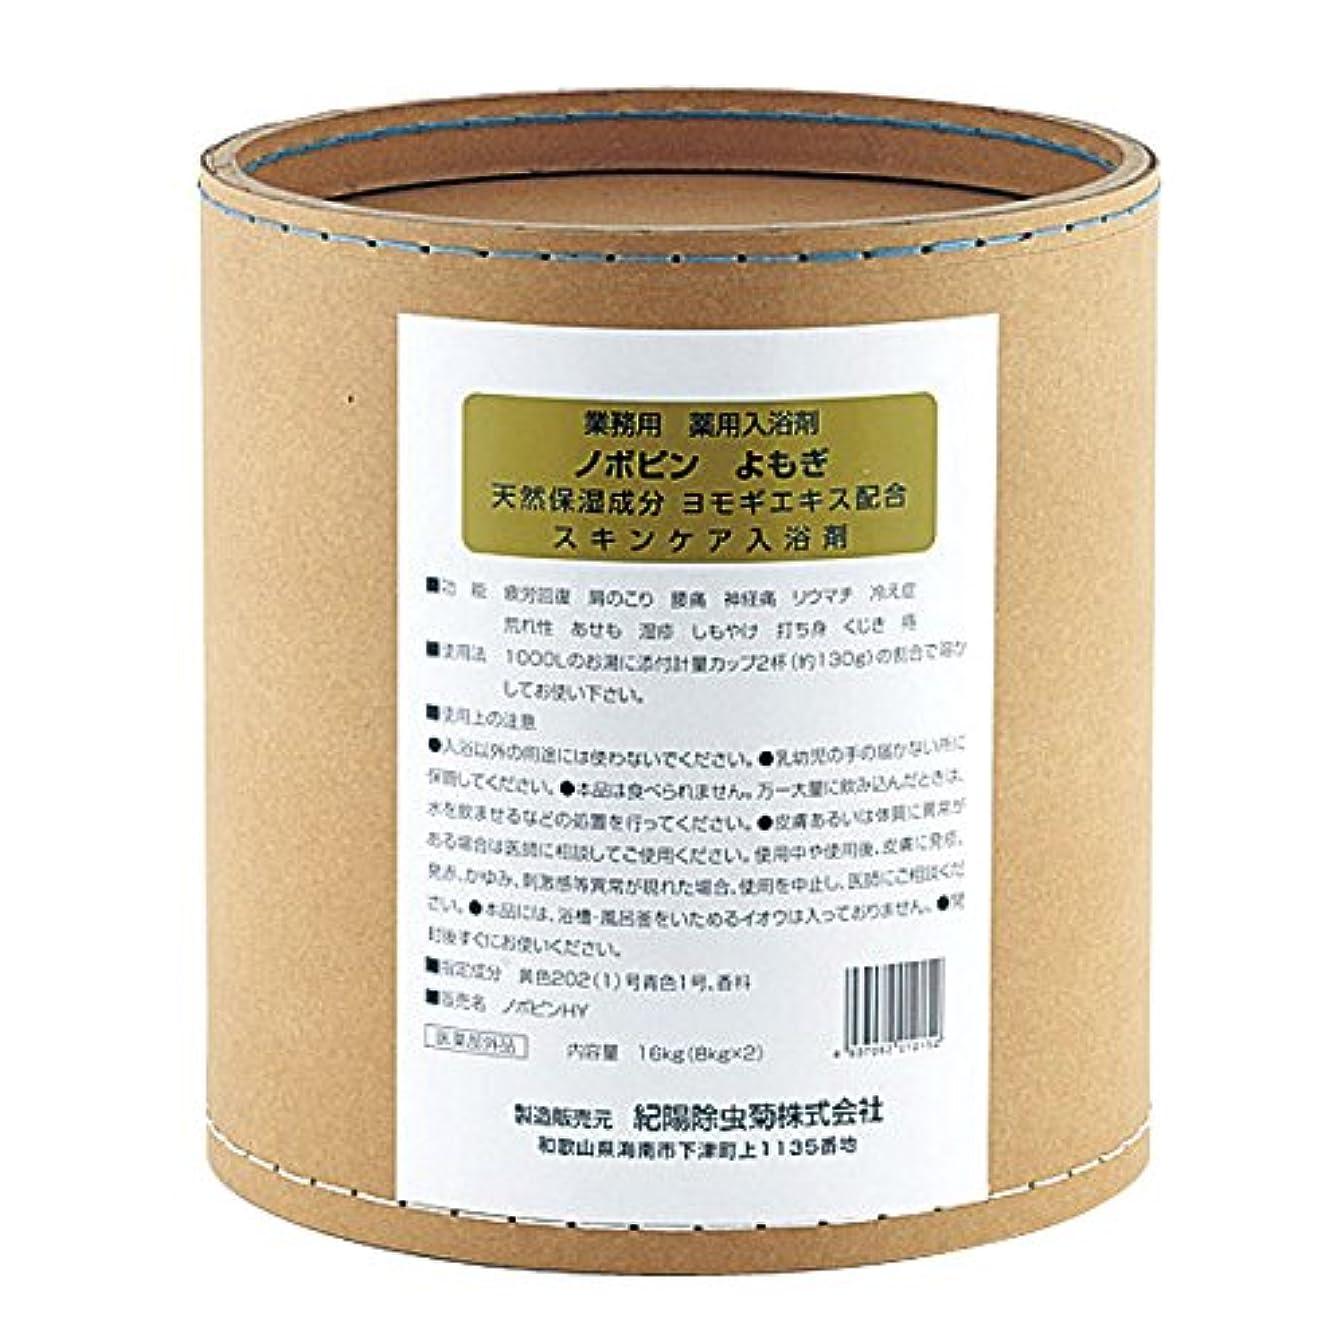 外交旅行木製業務用入浴剤ノボピンよもぎ16kg(8kg*2)